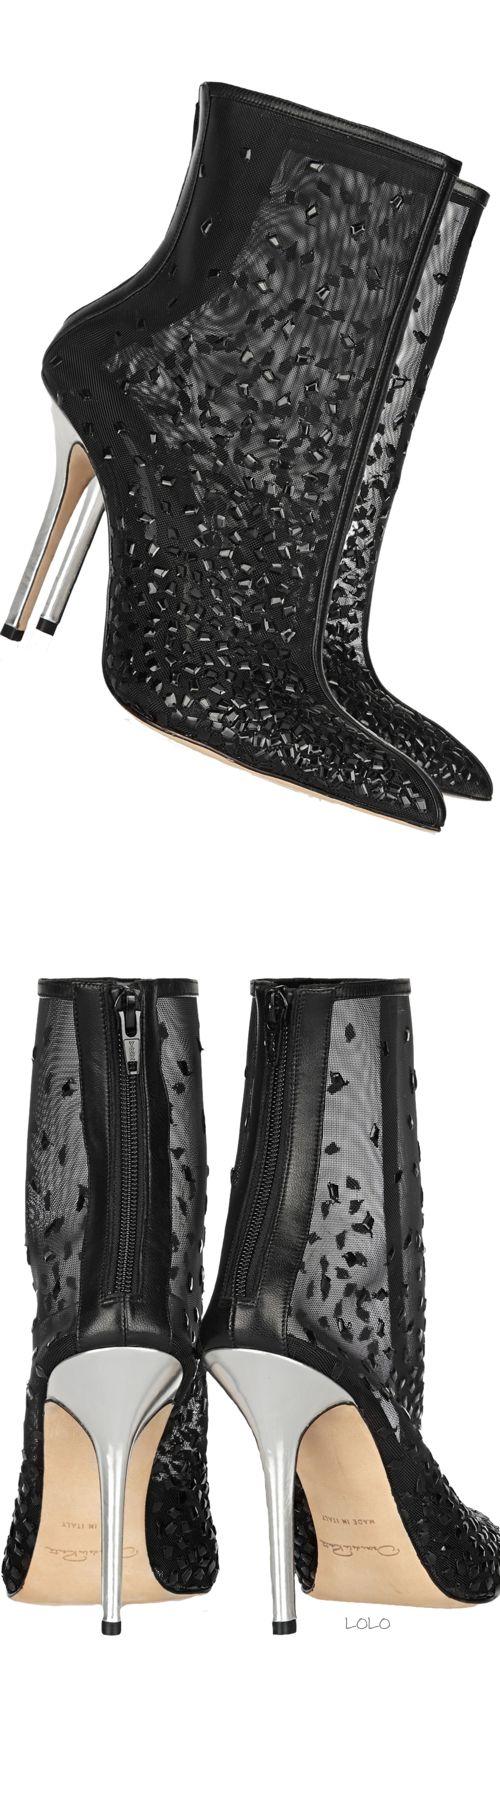 OSCAR DE LA RENTA Camille embellished Mesh Ankle Boots